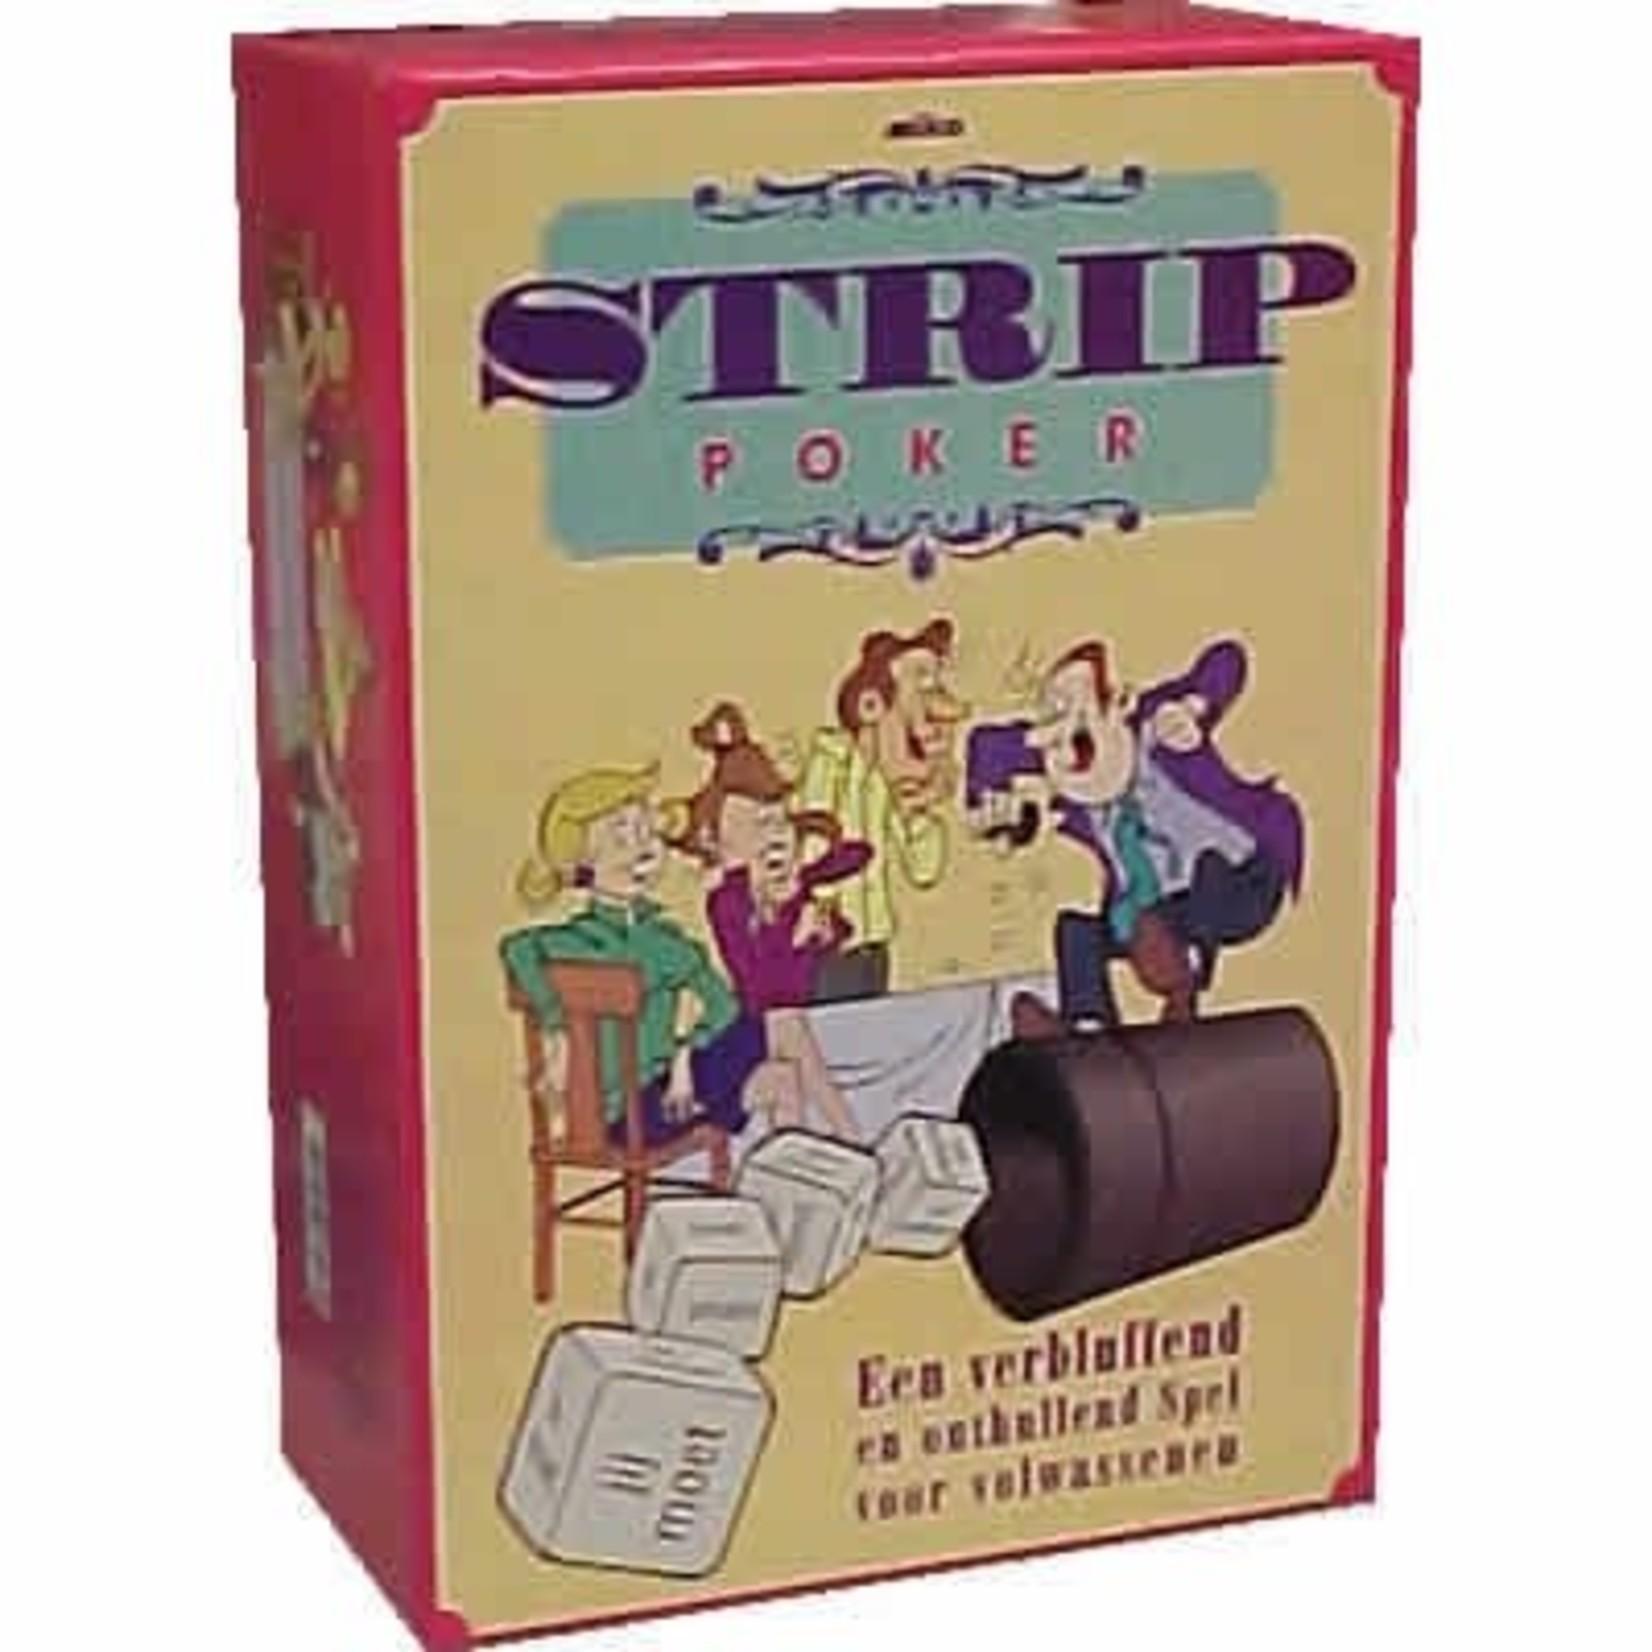 Miko Strippoker een verbluffend en onhullend spel voor volwassenen.